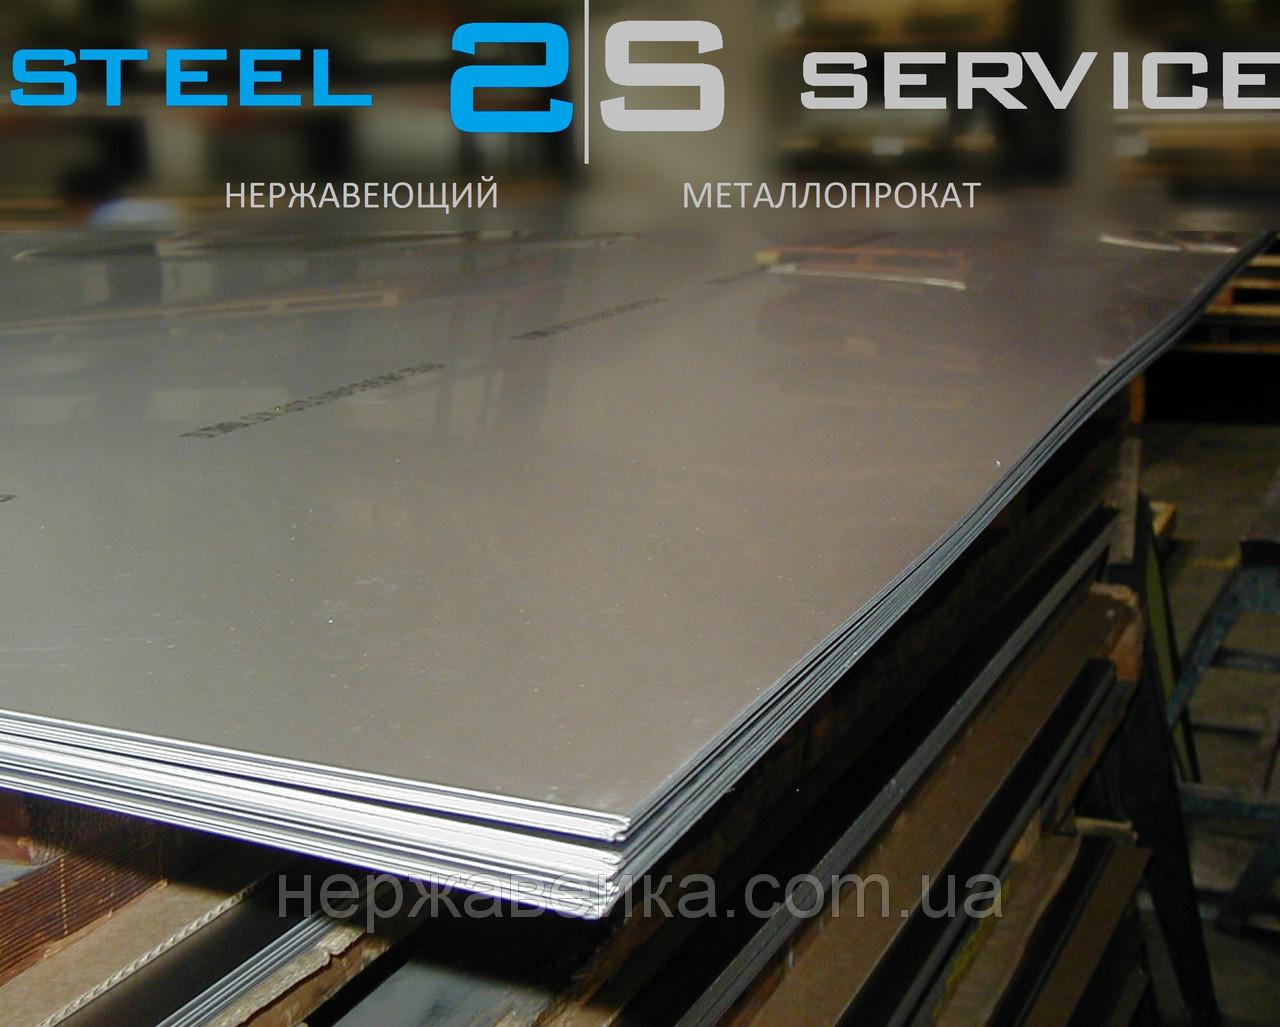 Нержавеющий лист 12х1250х2500мм  AISI 316Ti(10Х17Н13М2Т) F1 - горячекатанный,  кислотостойкий